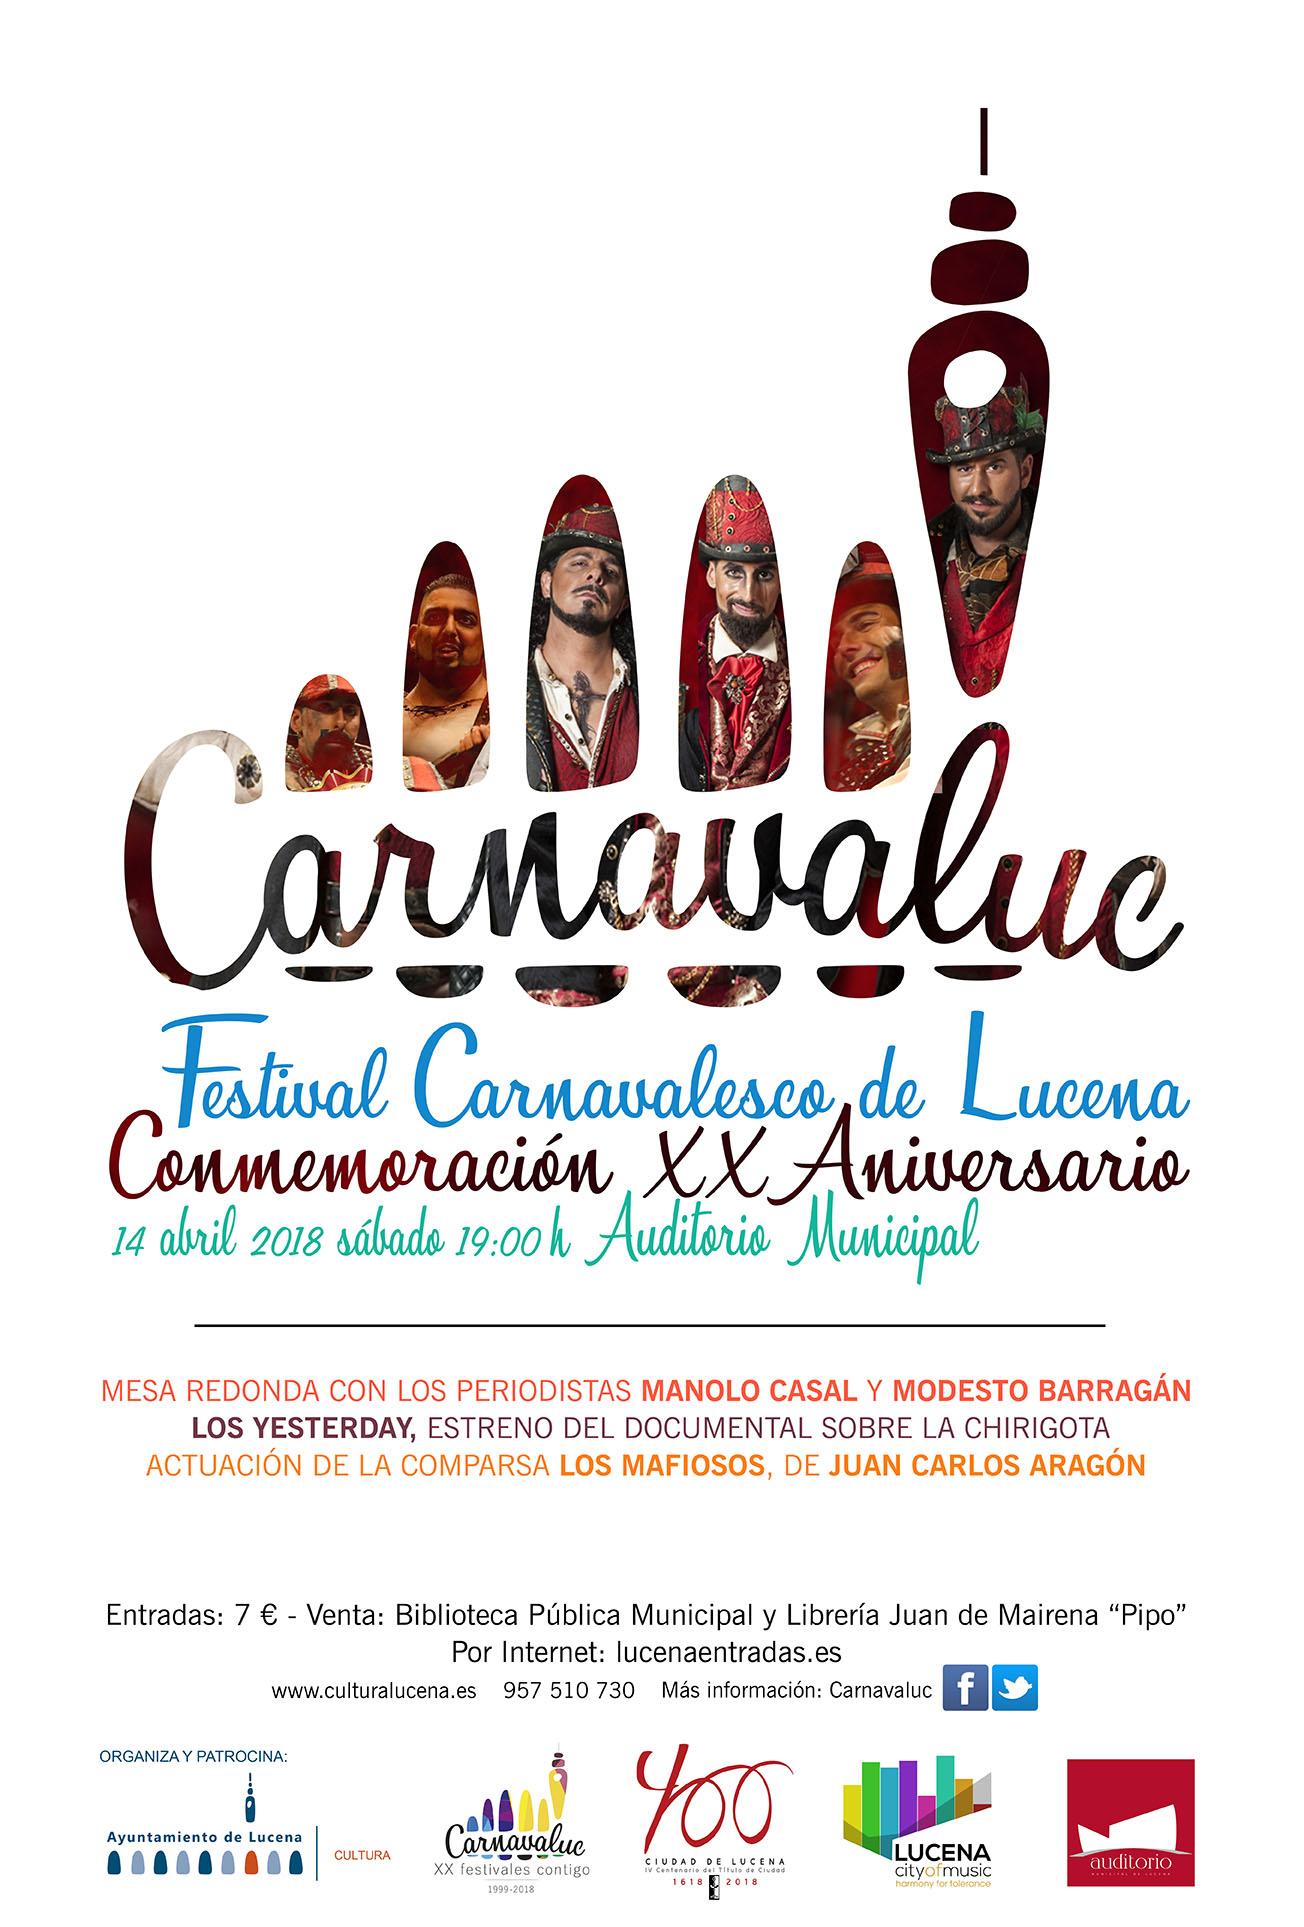 Carnavaluc: conmemoración XX Aniversario @ Auditorio Municipal